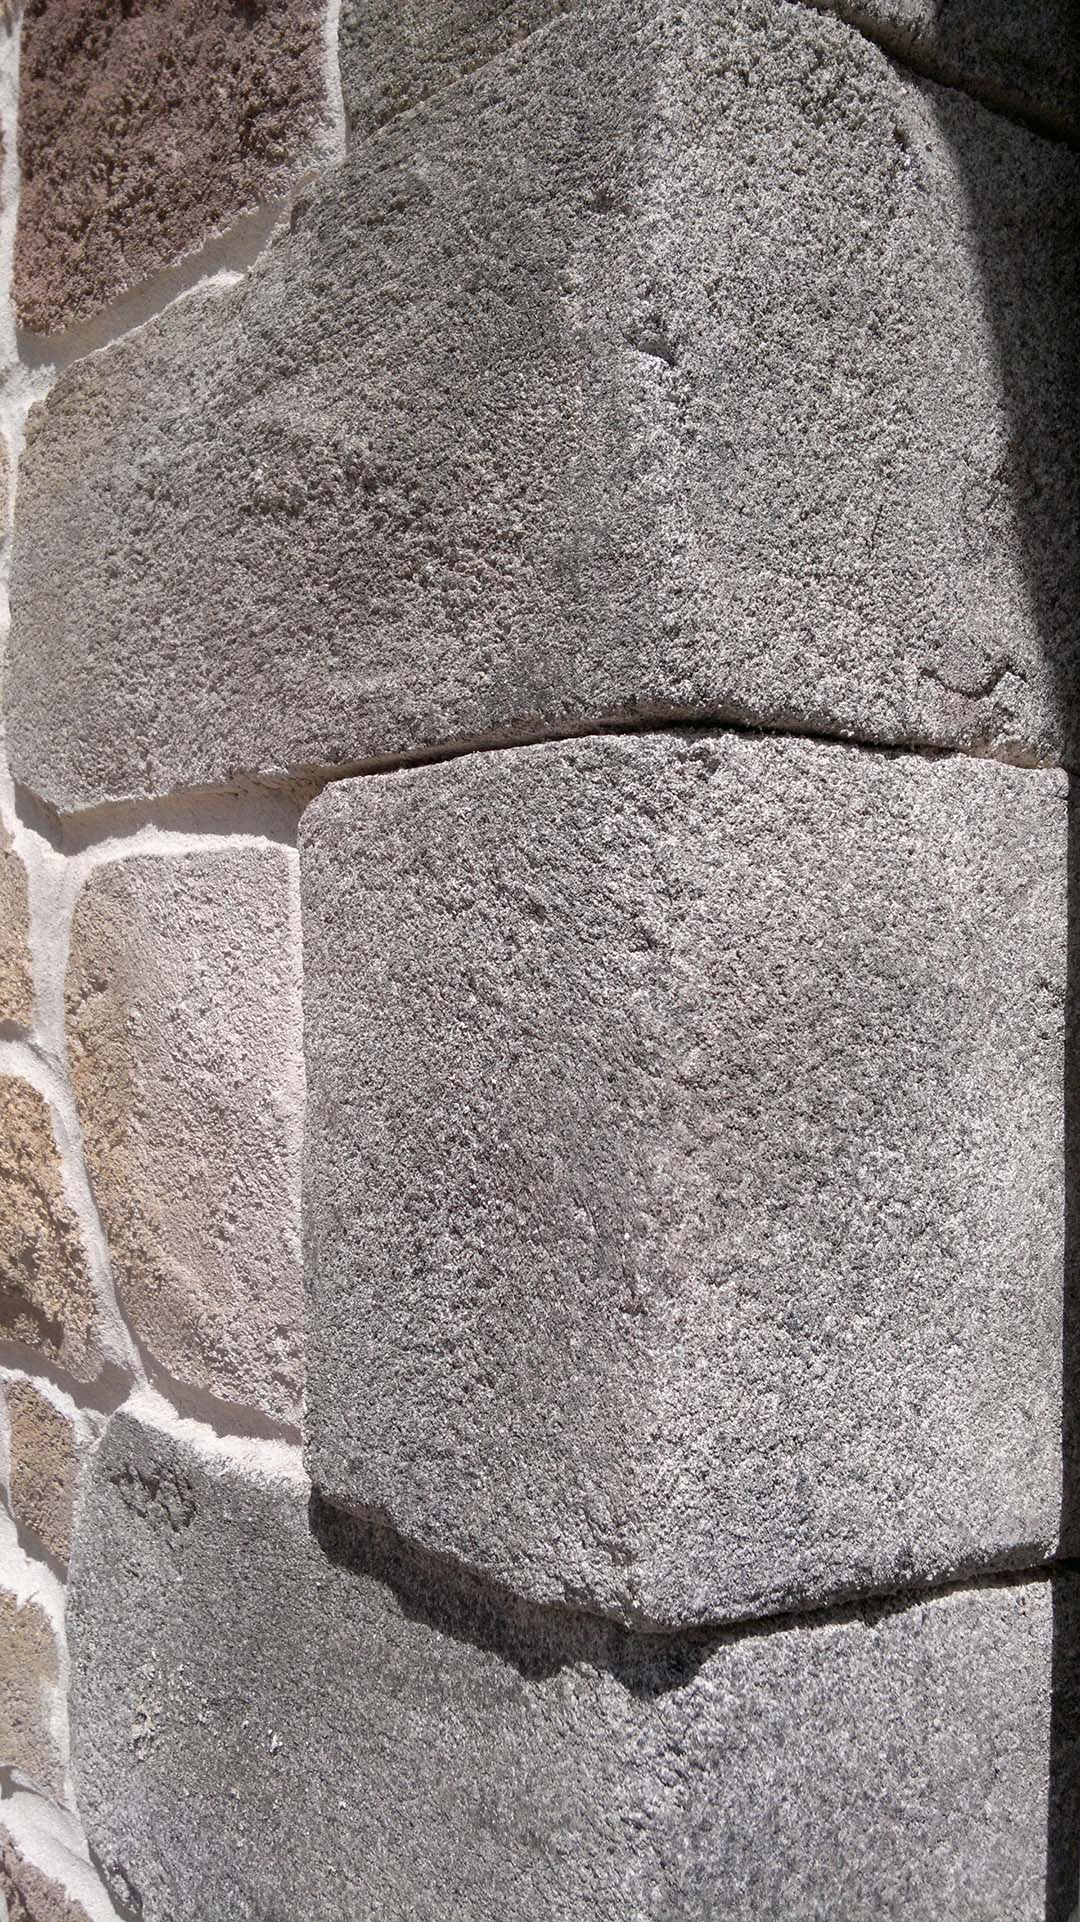 vue de près enduit fausse pierre d'angles en granit sur angle de maison